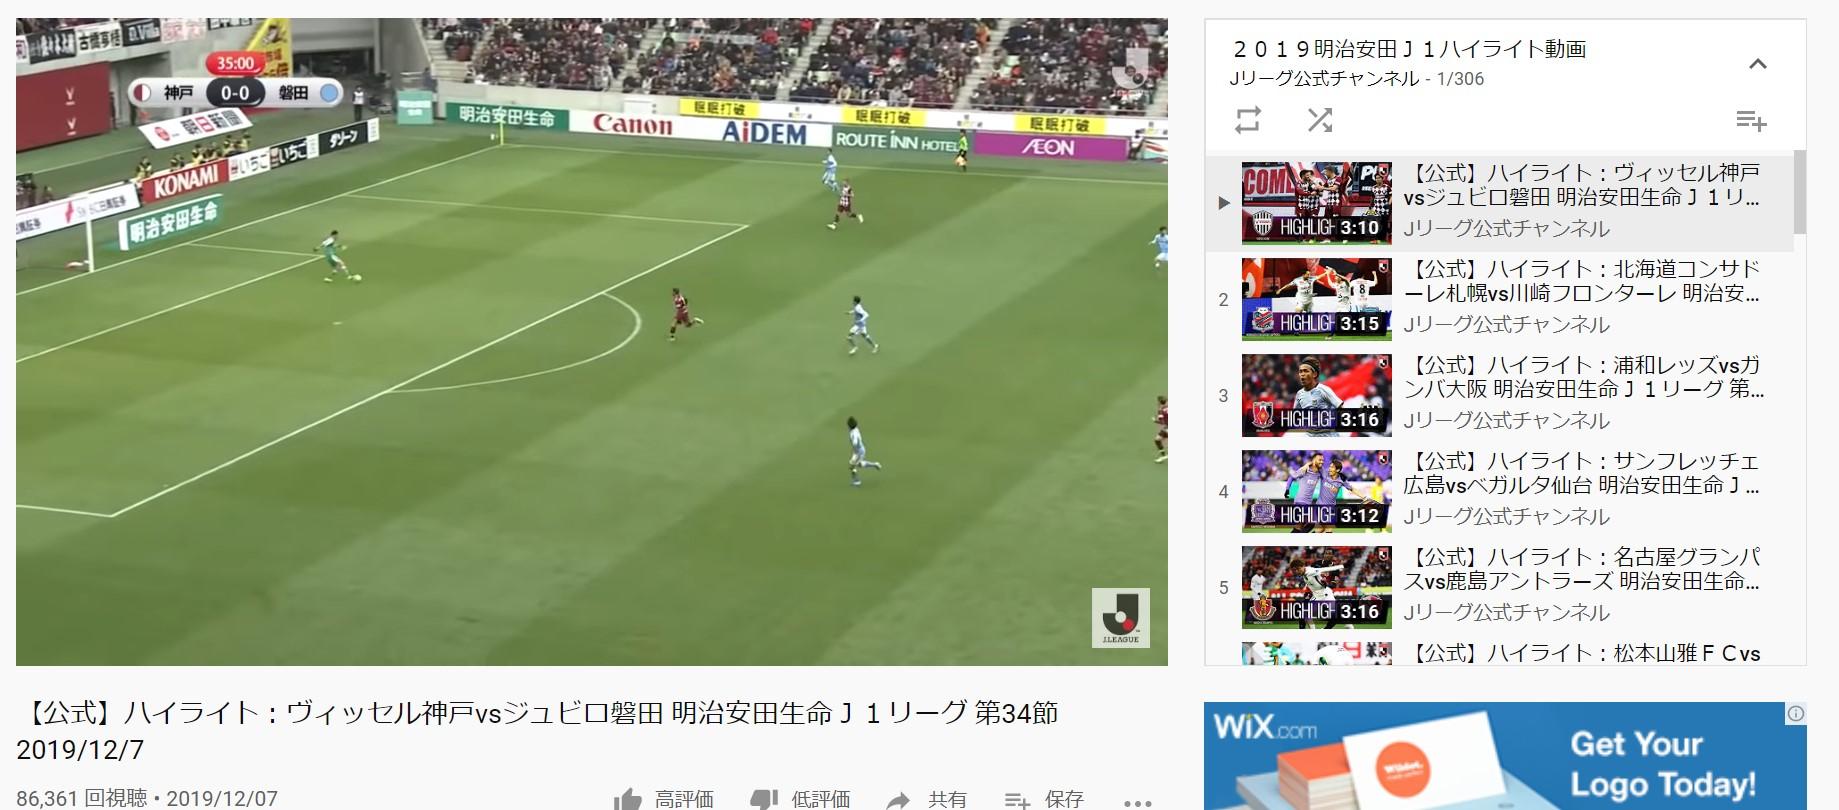 Jリーグ公式YouTube_ハイライト配信